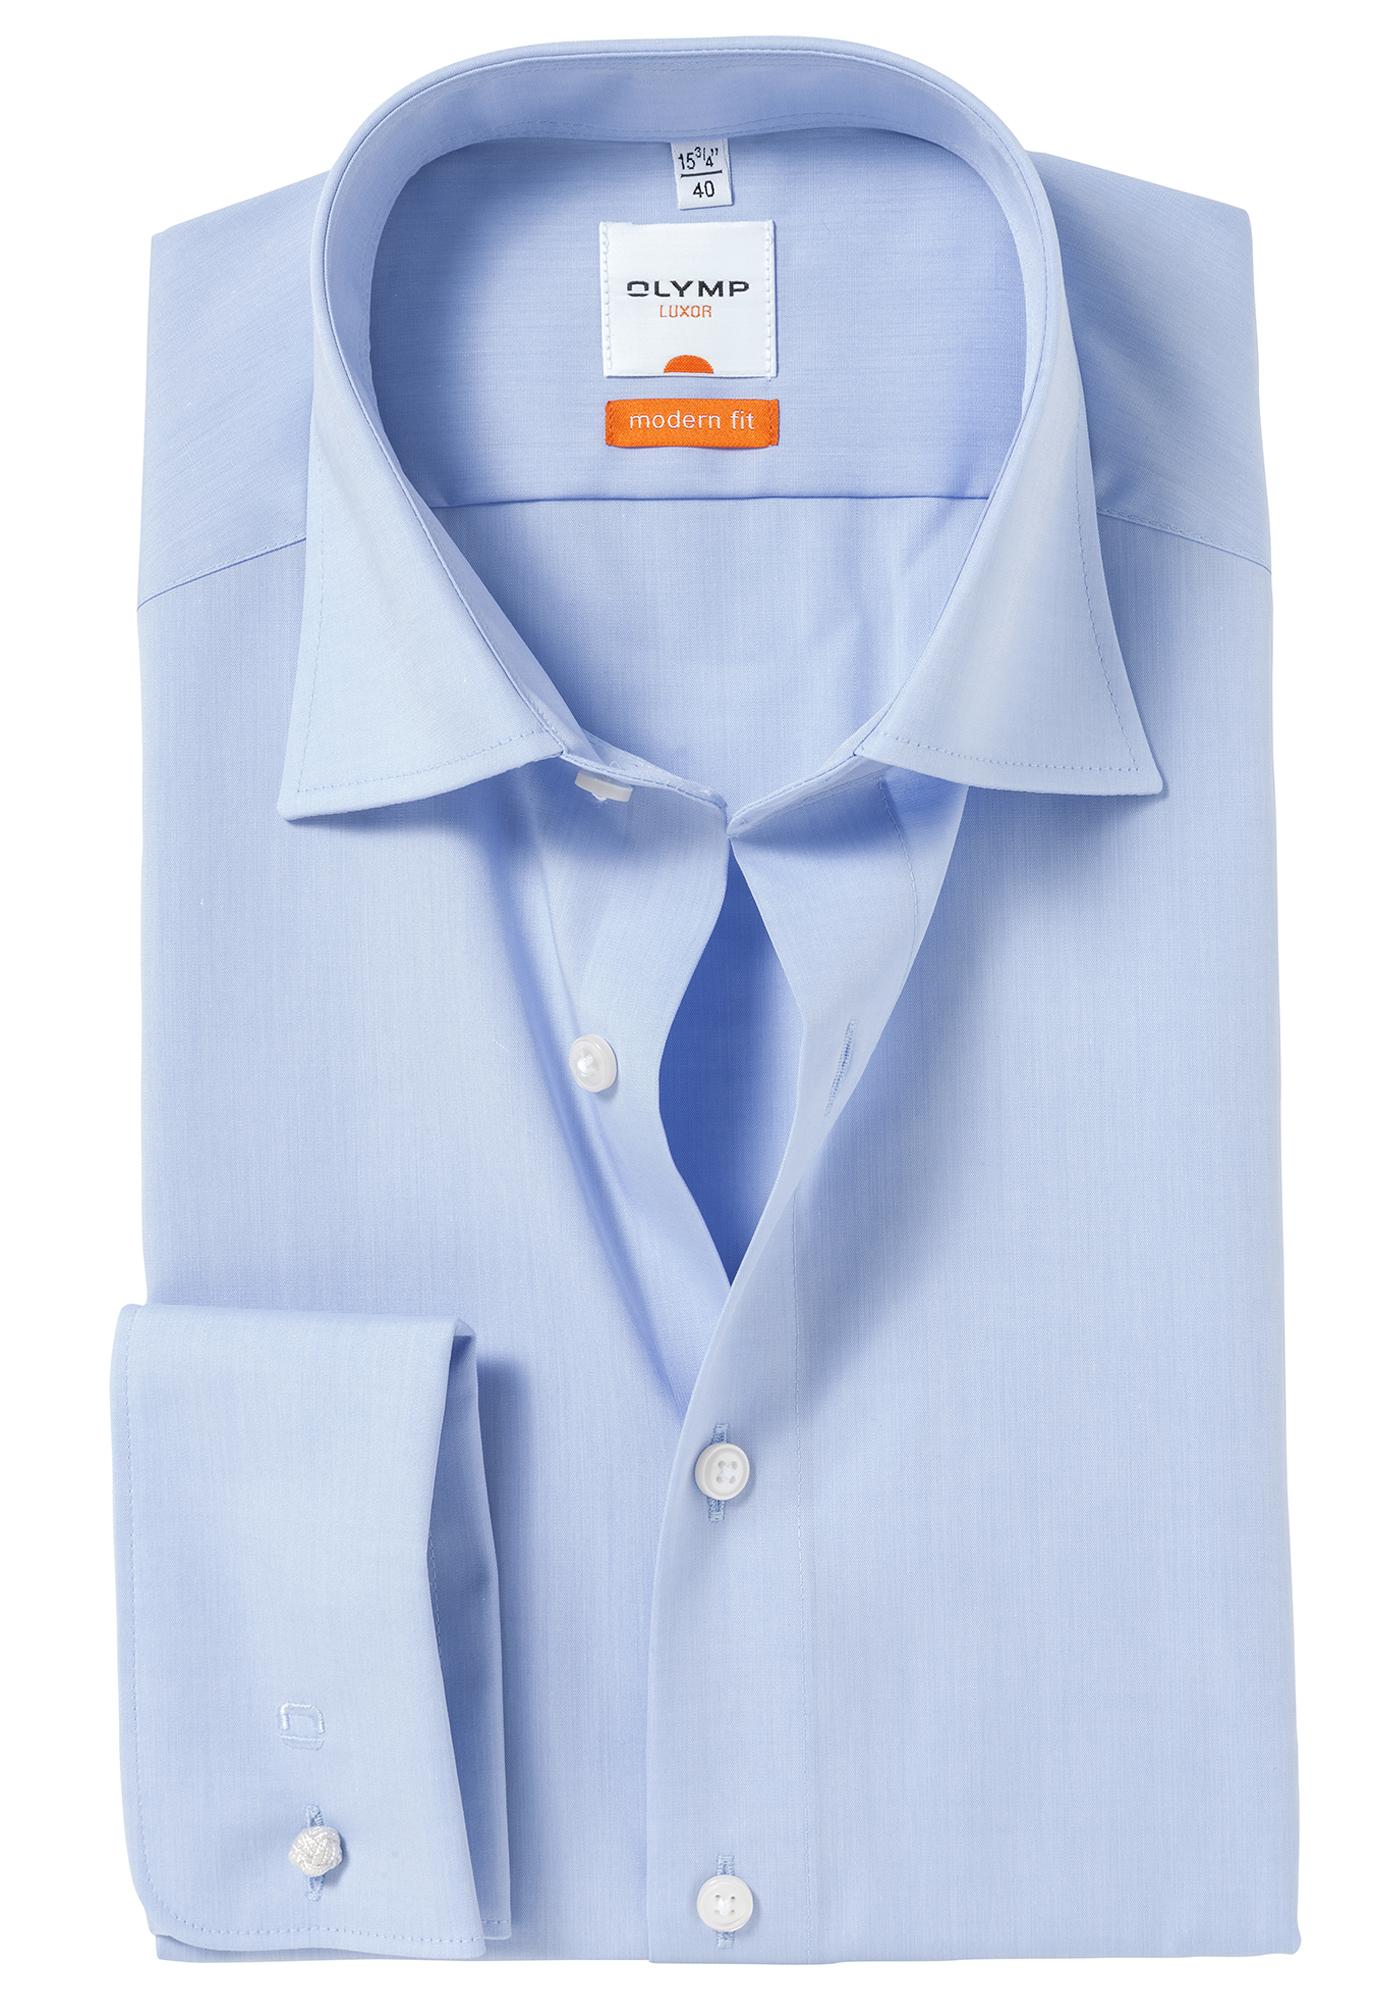 olymp modern fit overhemd dubbele manchet blauw gratis bezorgd. Black Bedroom Furniture Sets. Home Design Ideas